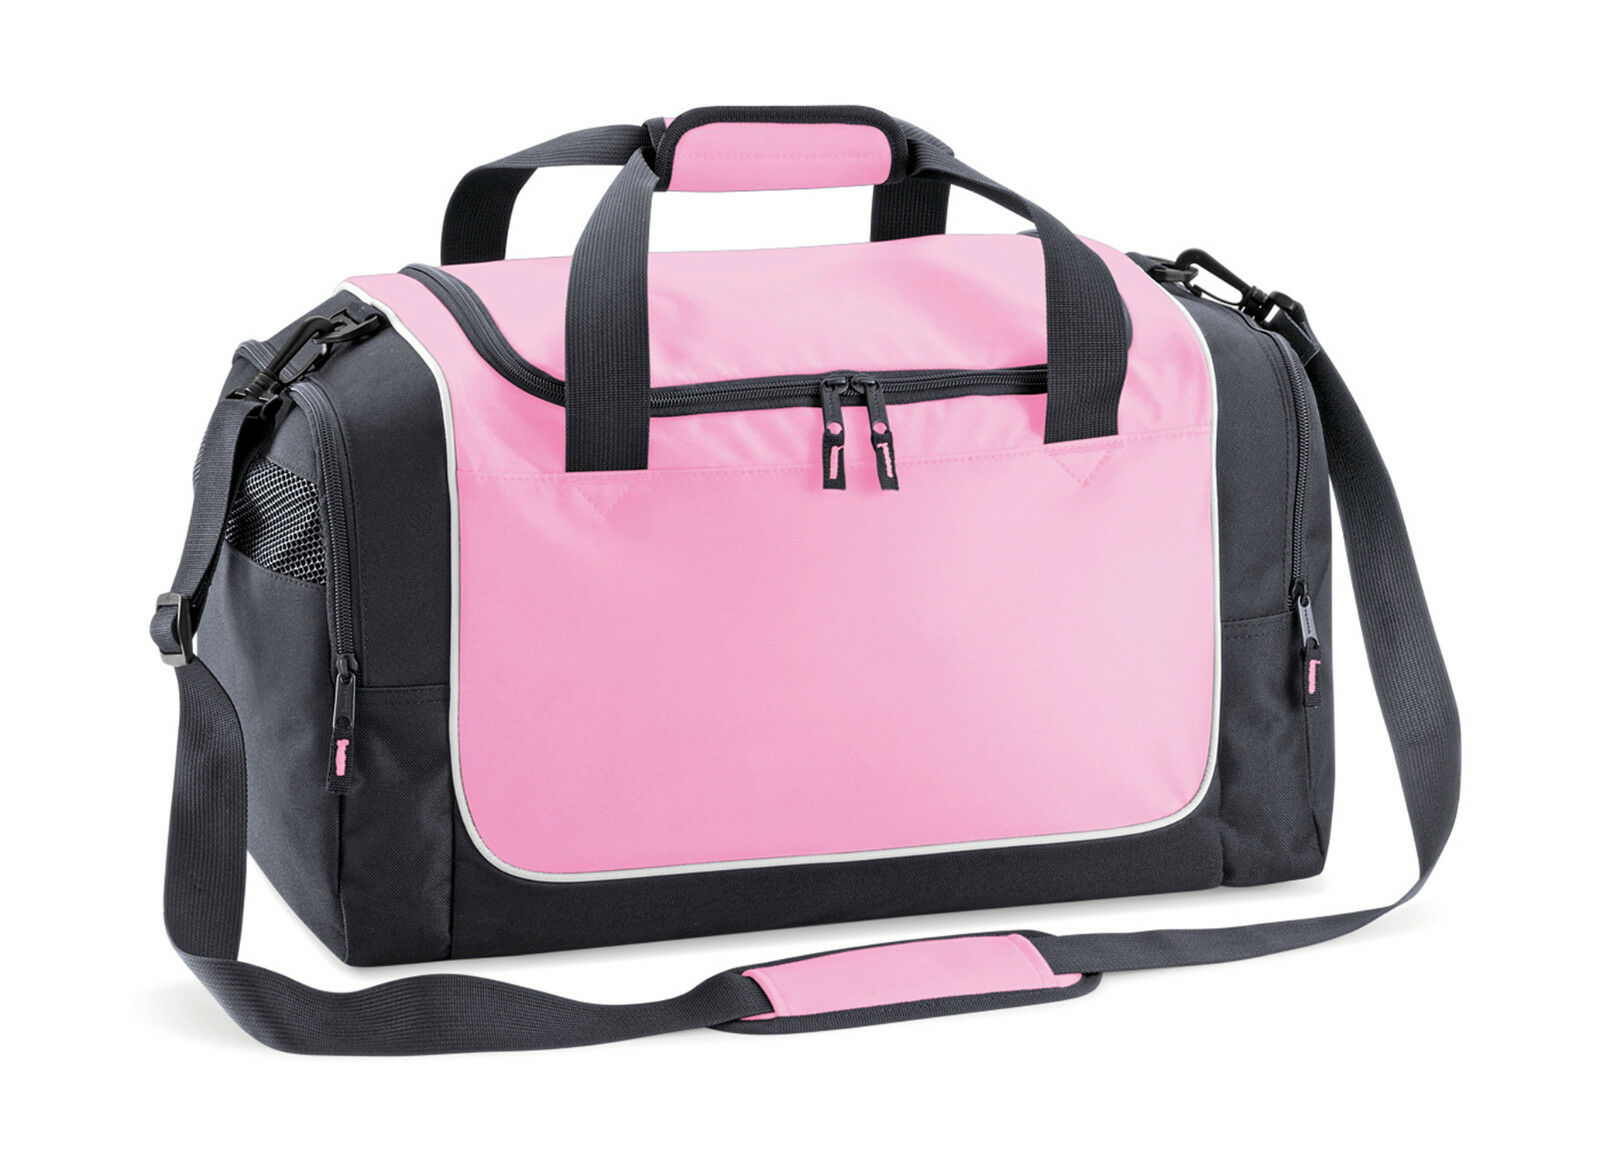 Quadra Sports Bag Locker Room Locker Bag traningstasche Fitness 30 Litre qs77